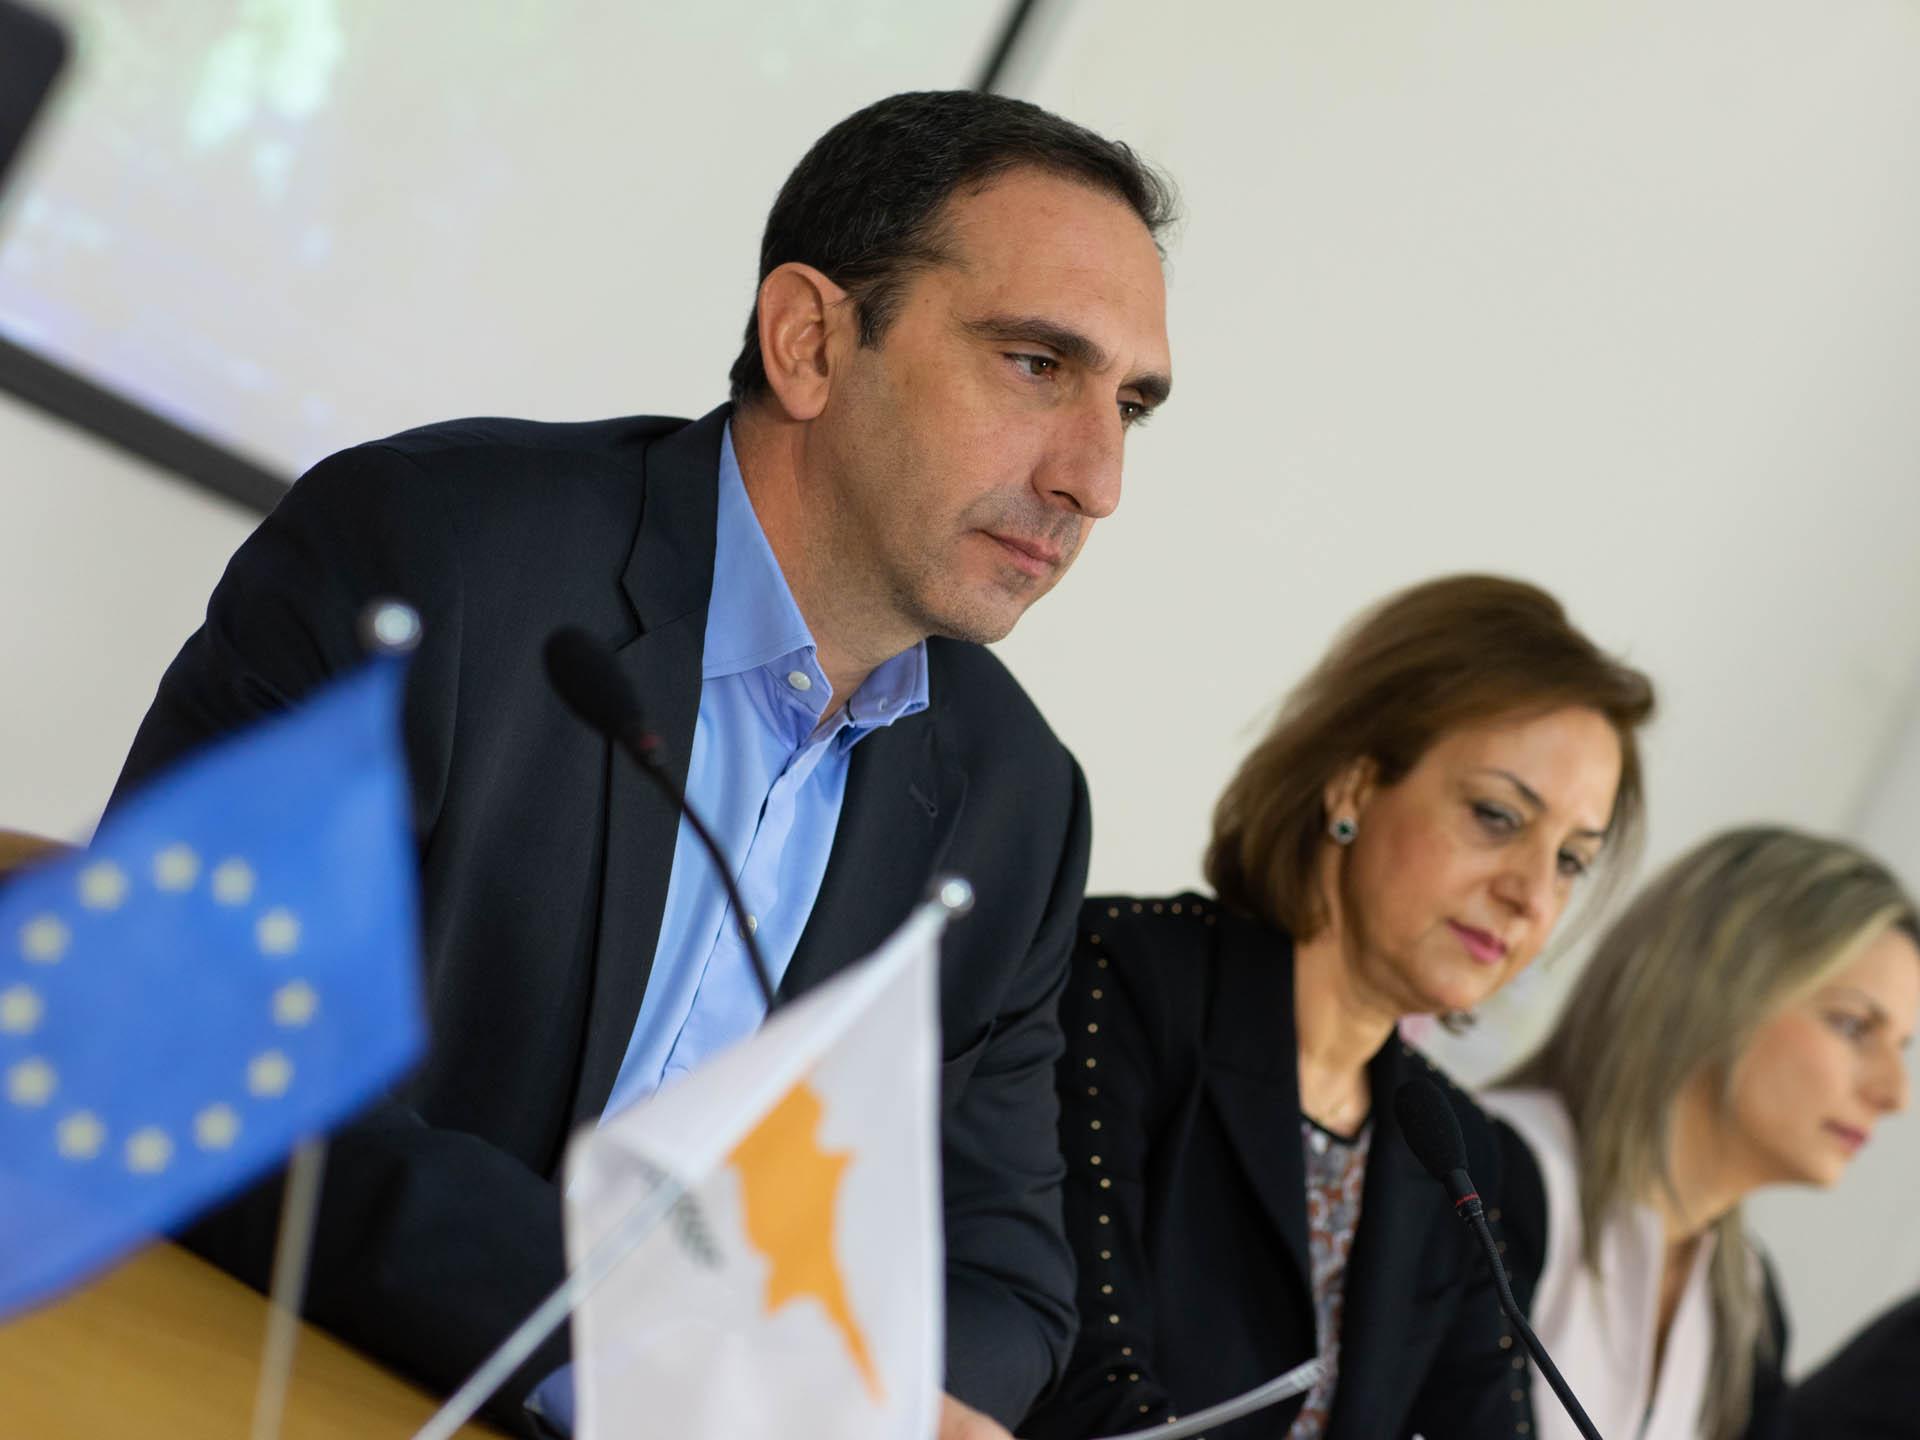 Κύπρος: Μέτρα για τον κορωνοϊό ανακοινώθηκαν από τον Υπουργό Υγείας